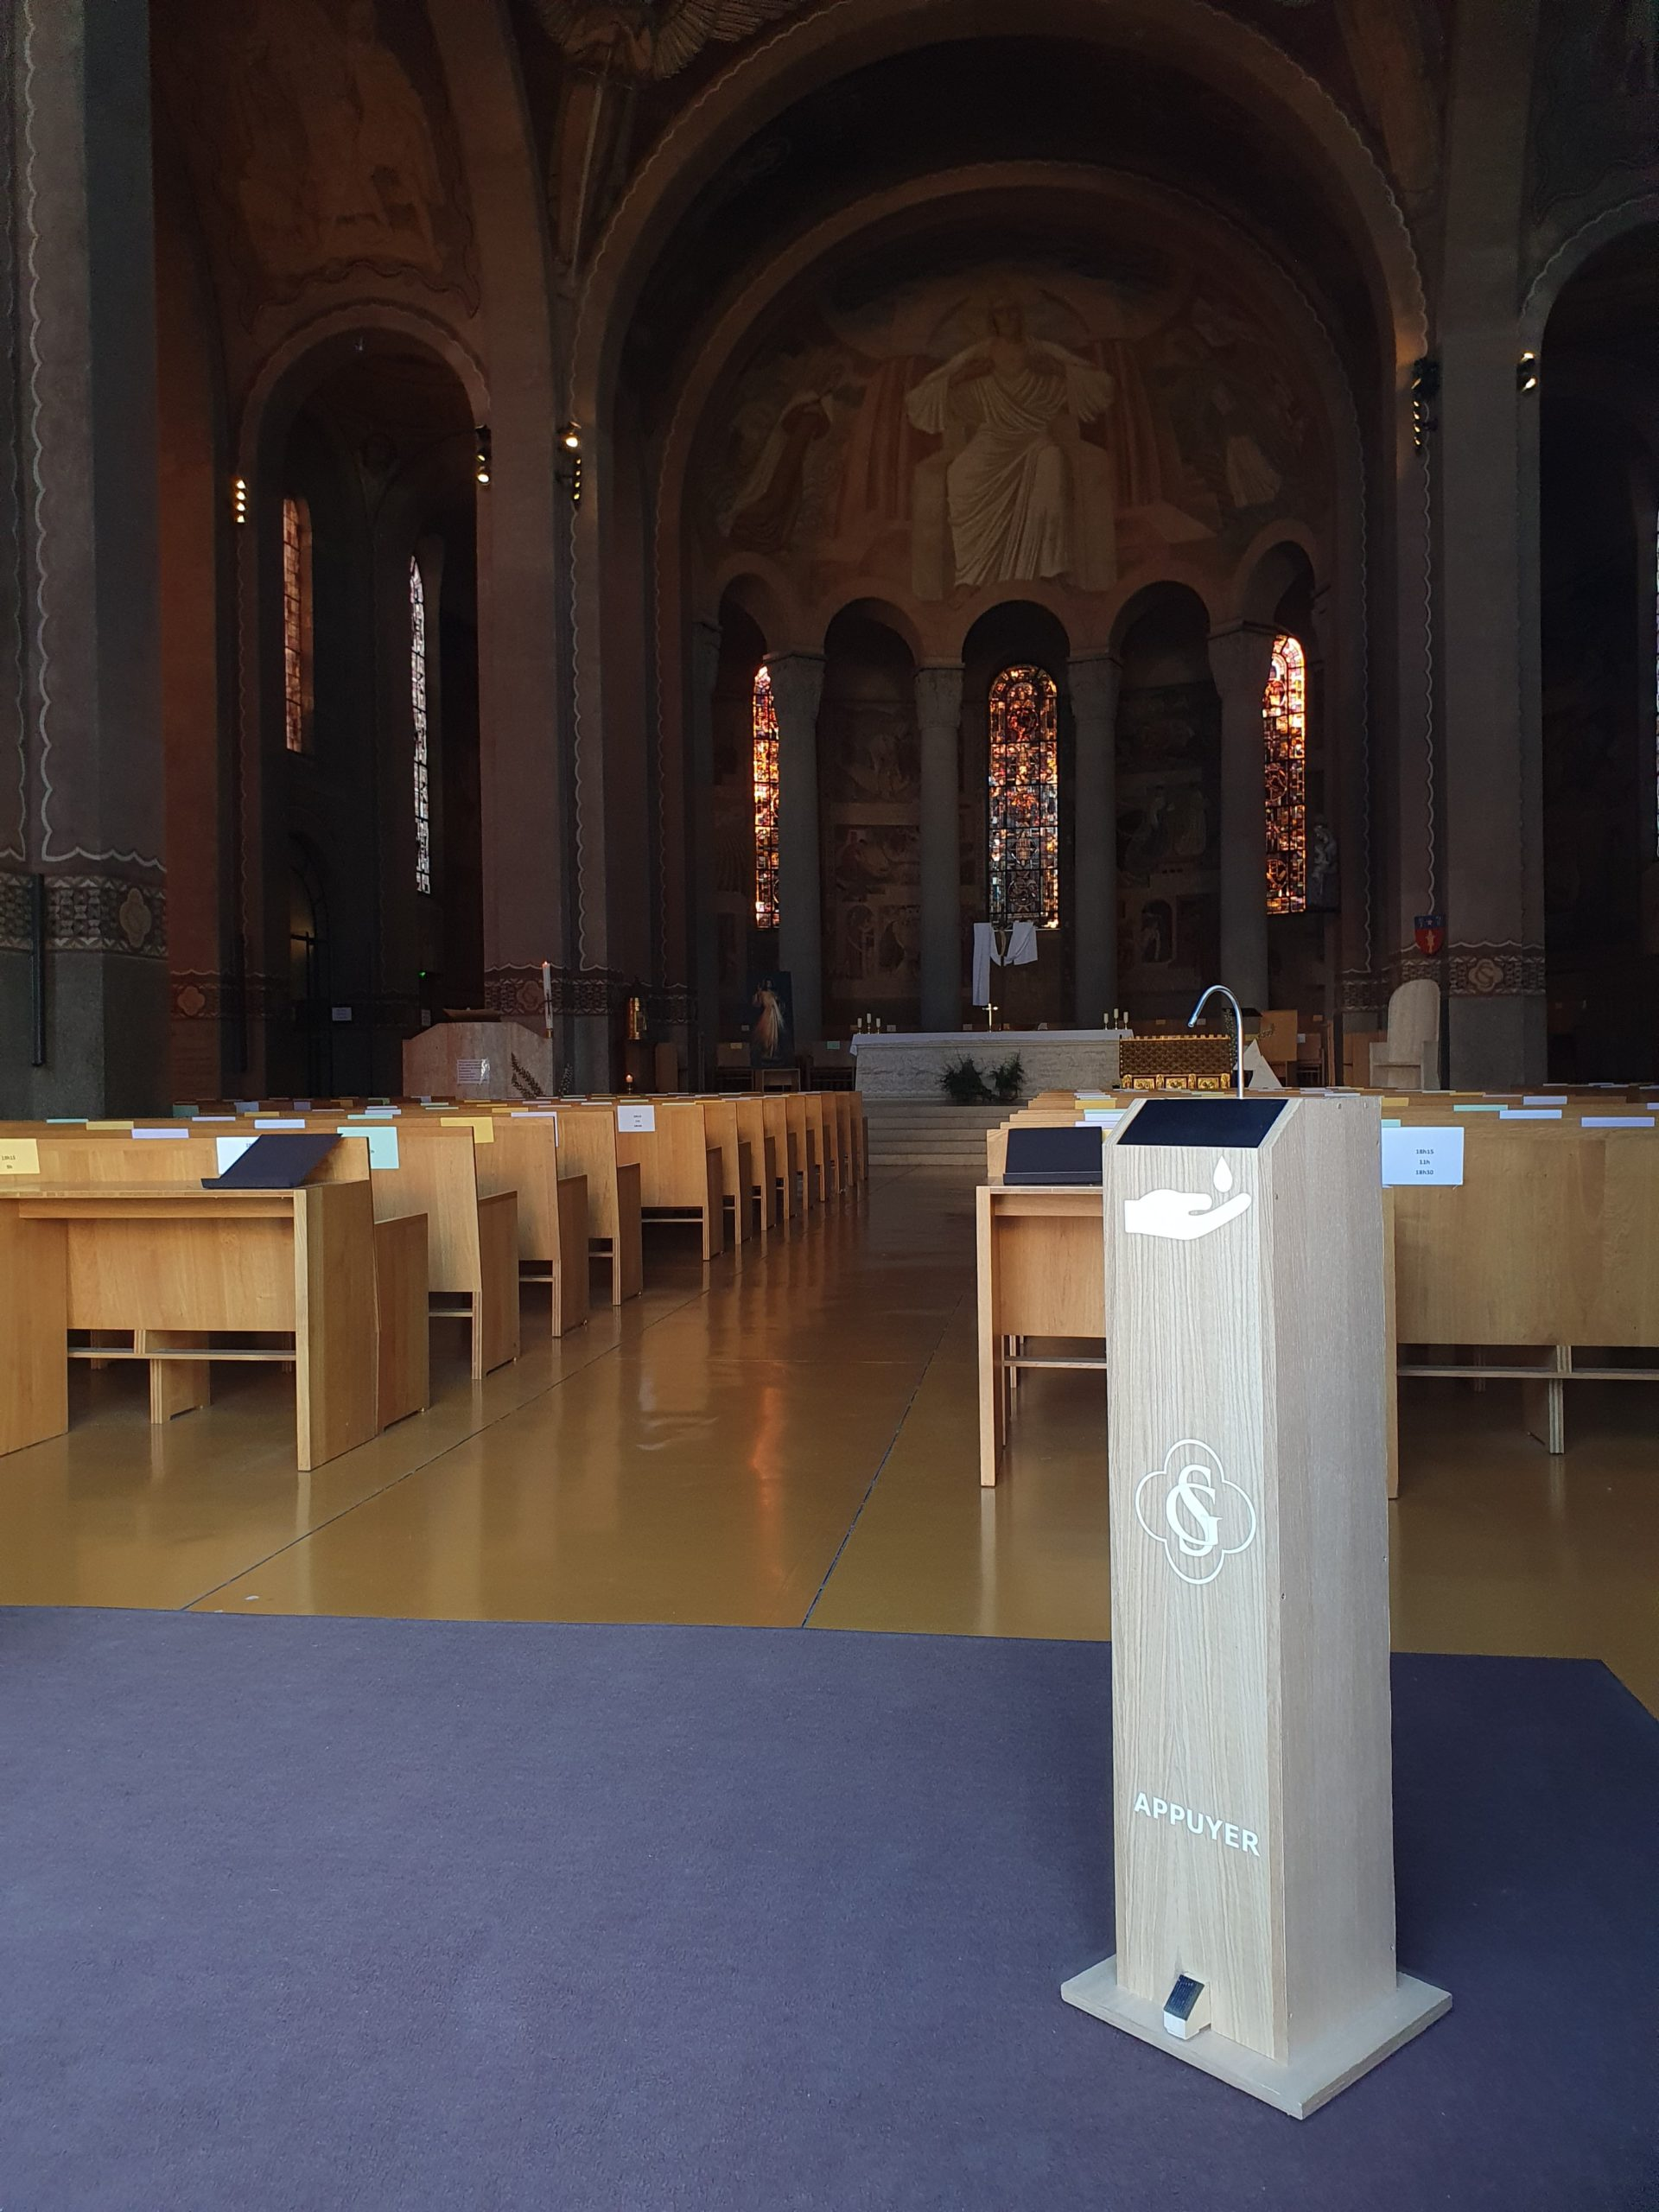 Gégé distributeur totem de gel hydroalcoolique en bois grande capacité 5L sans contact et autonome entrée Cathédrale Sainte Geneviève Nanterre